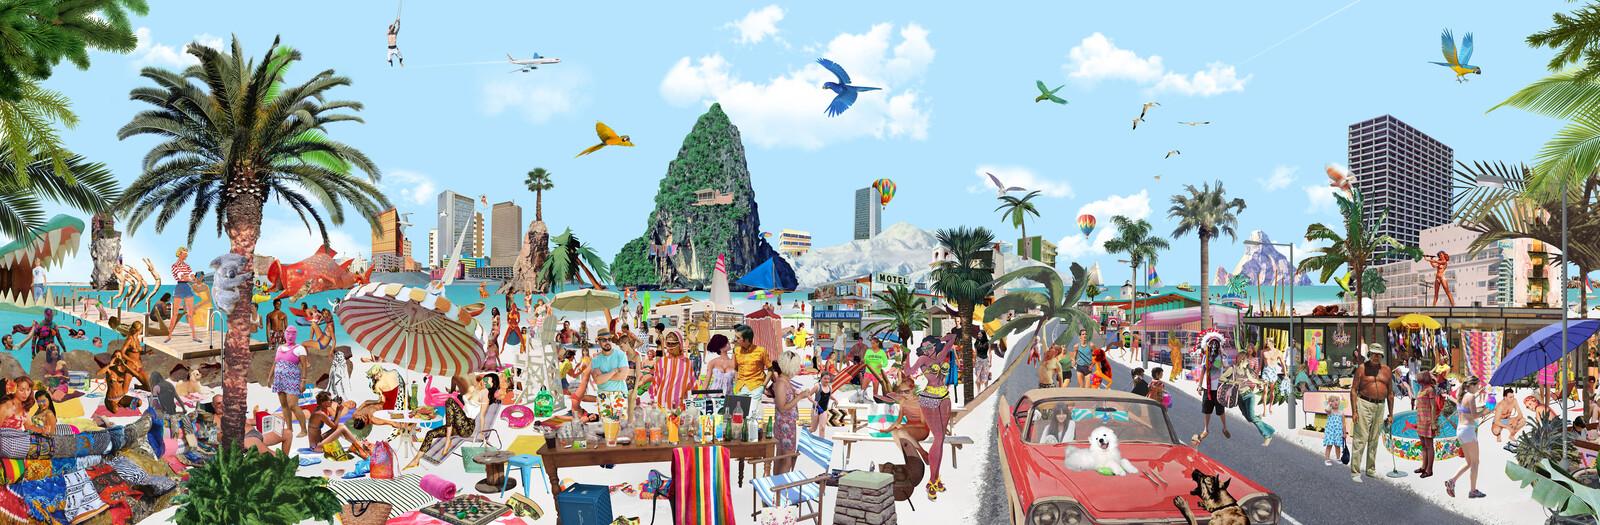 Summer - Sanda Anderlon